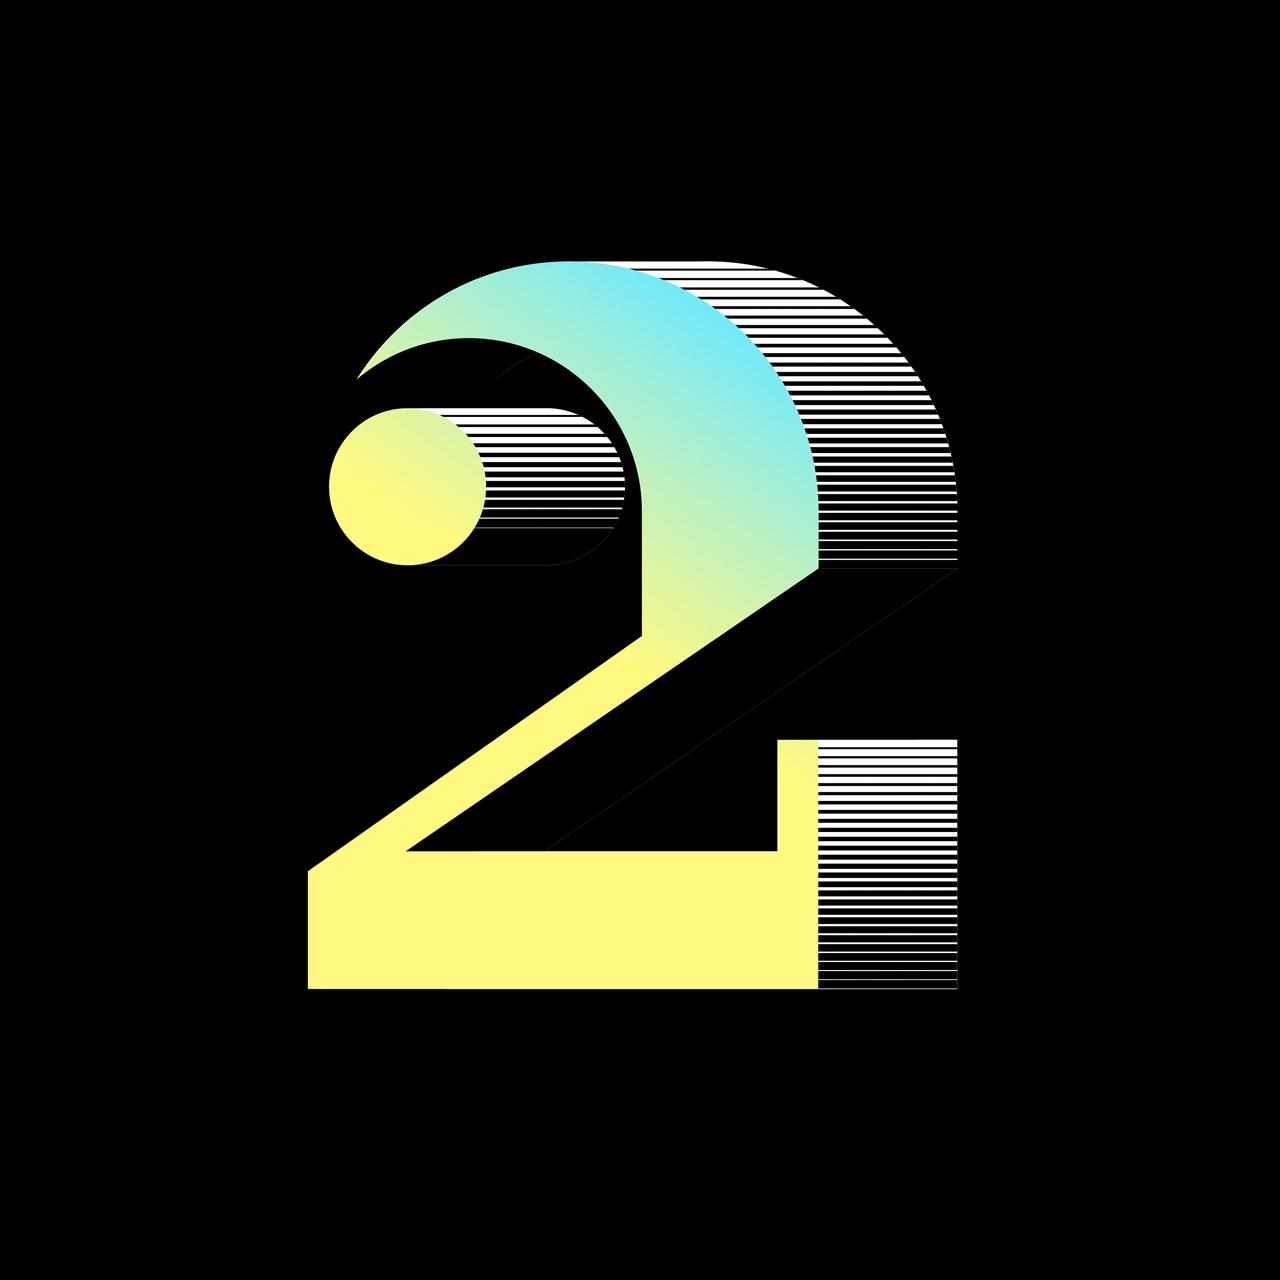 36DAYSOFTYPE17_O